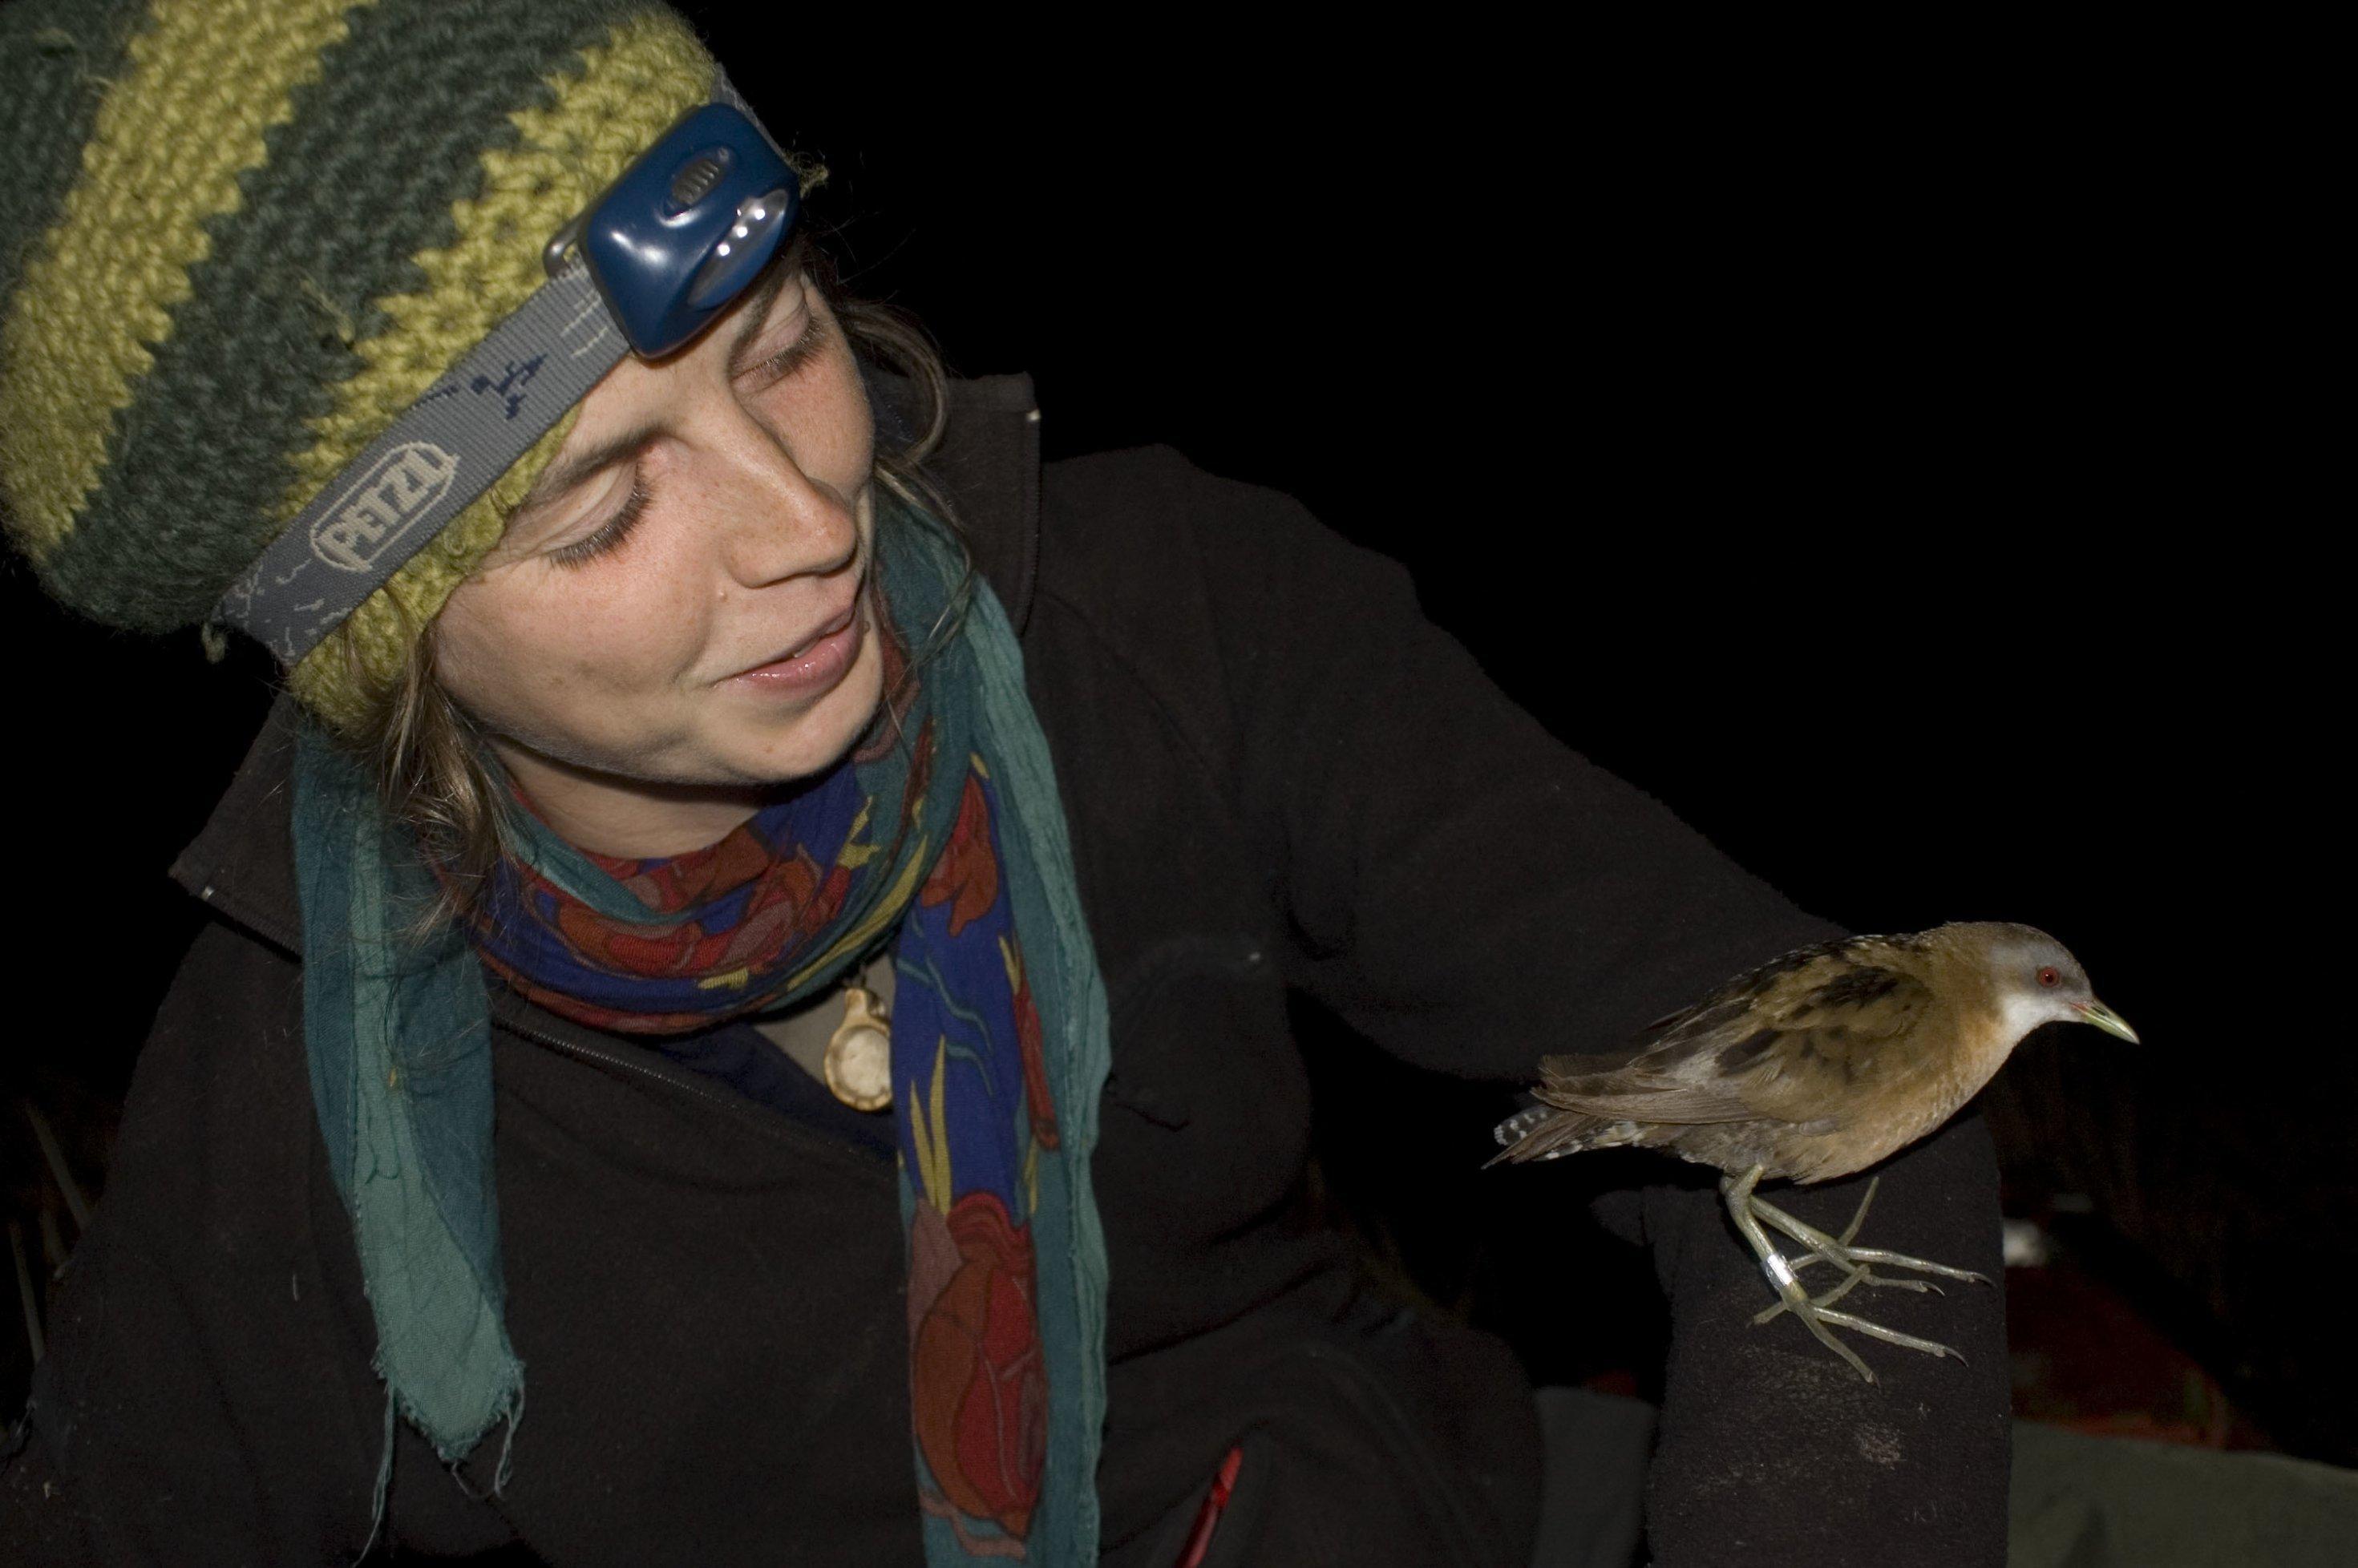 Nina Seifert hat ein kleines Sumpfhuhn auf dem Arm sitzen. Es ist nachts.